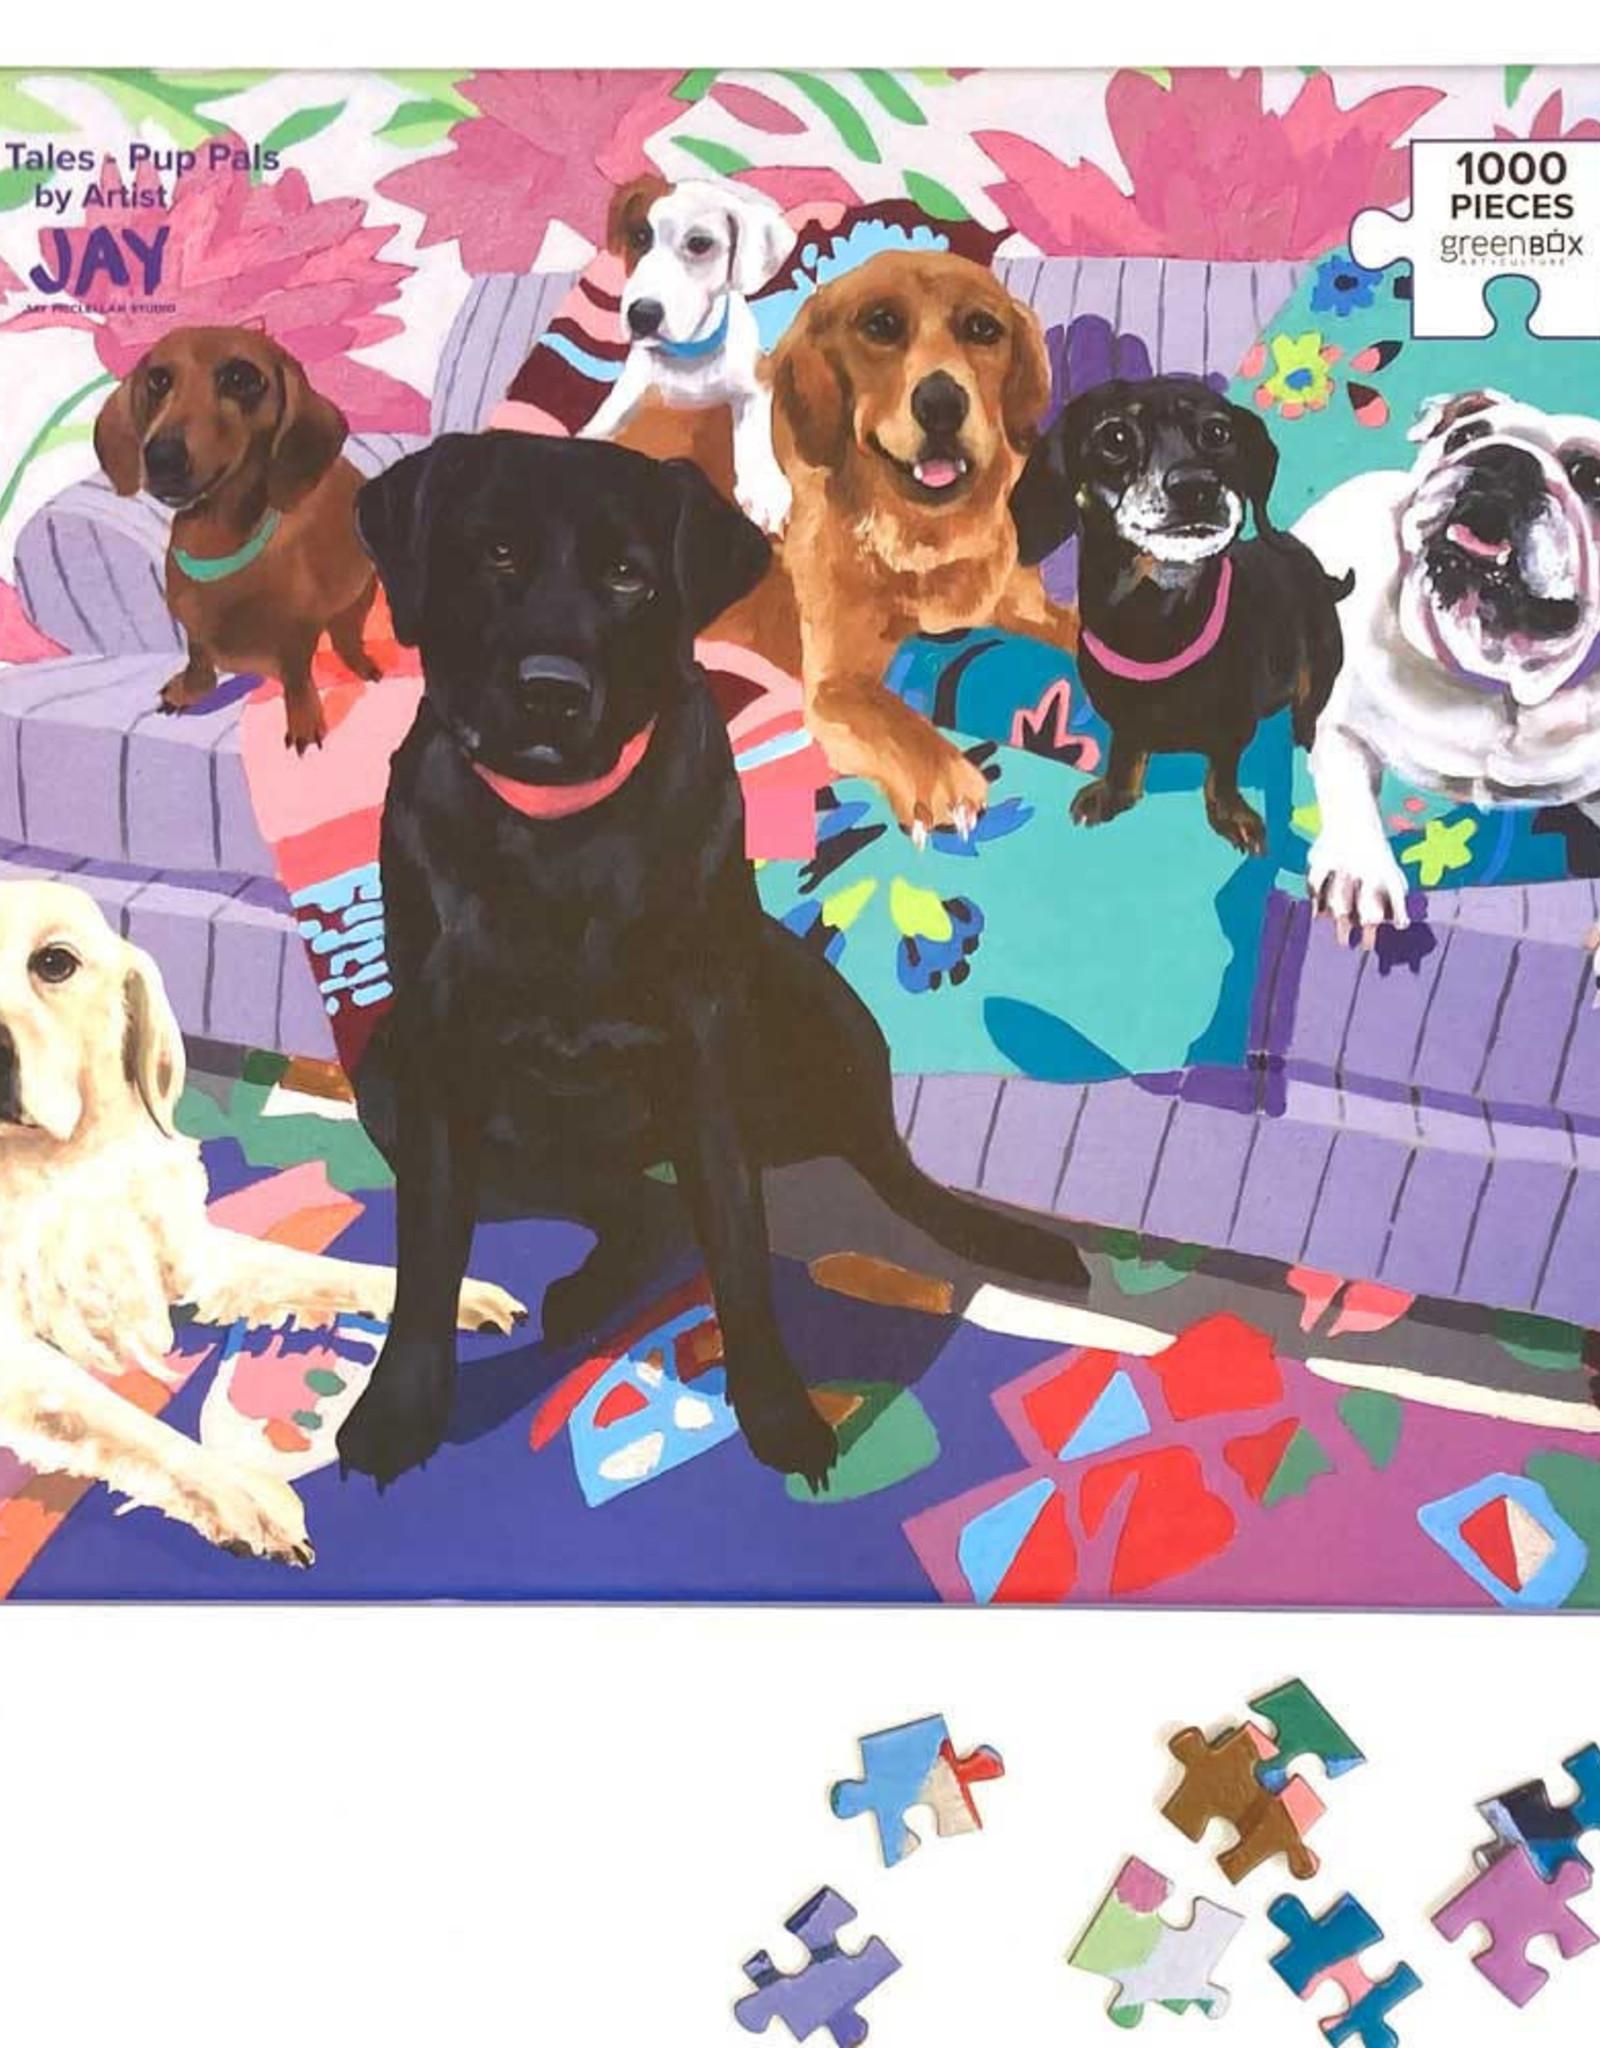 Greenbox Art Dog Tales - Pup Pals Puzzle